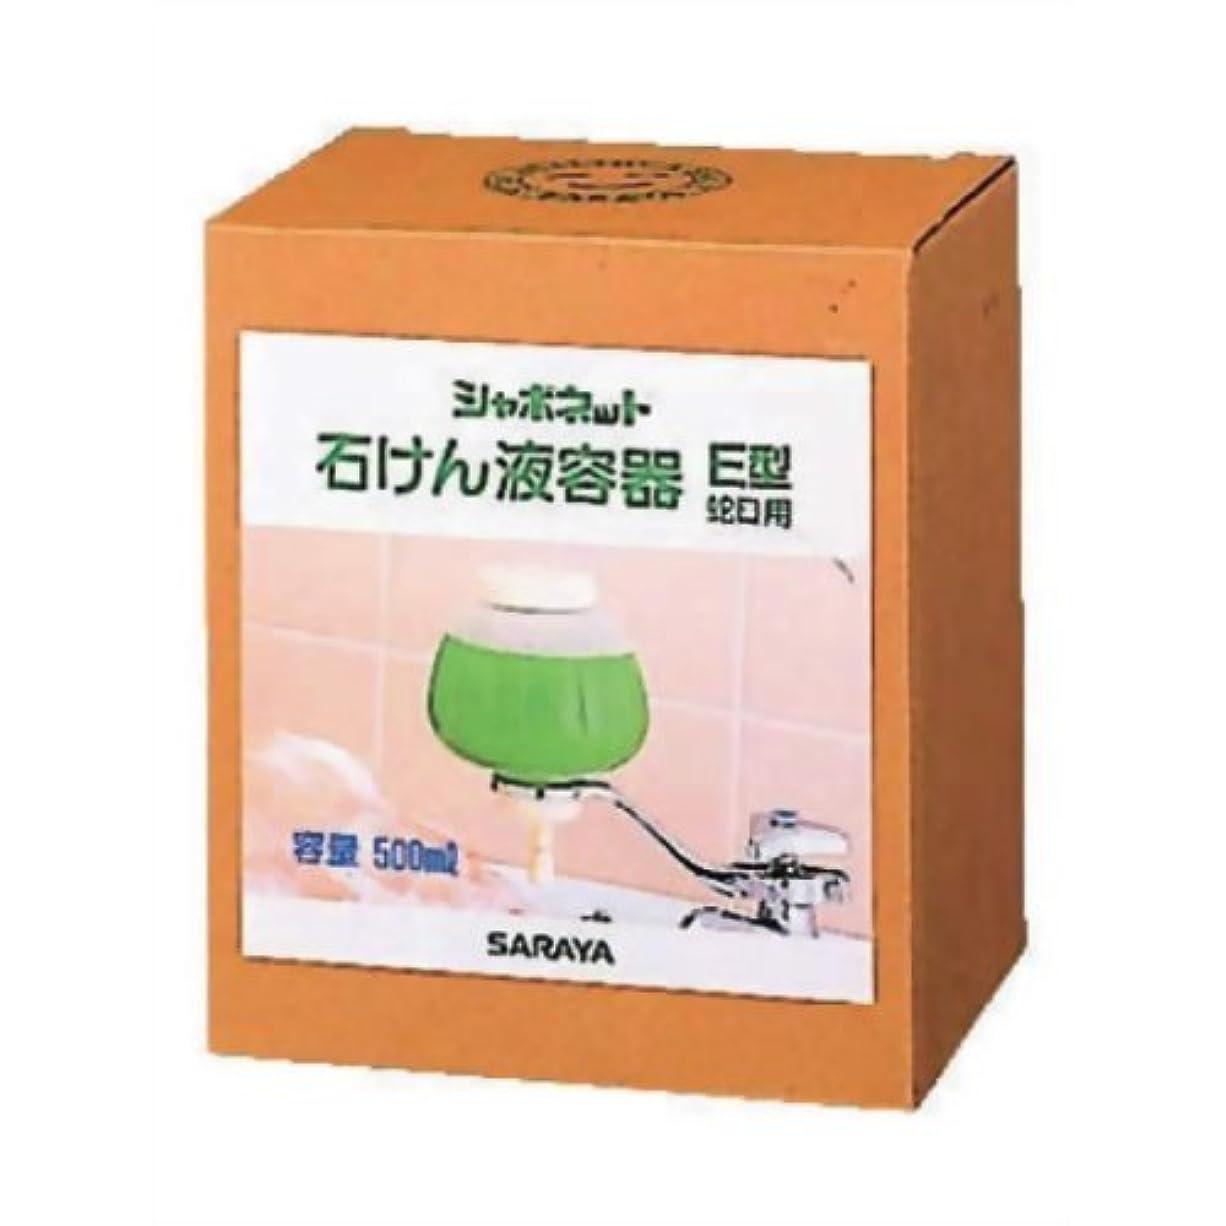 夕食を食べる革新旅行シャボネット石鹸液容器 500mLE型蛇口用 21450/63828559 サラヤ